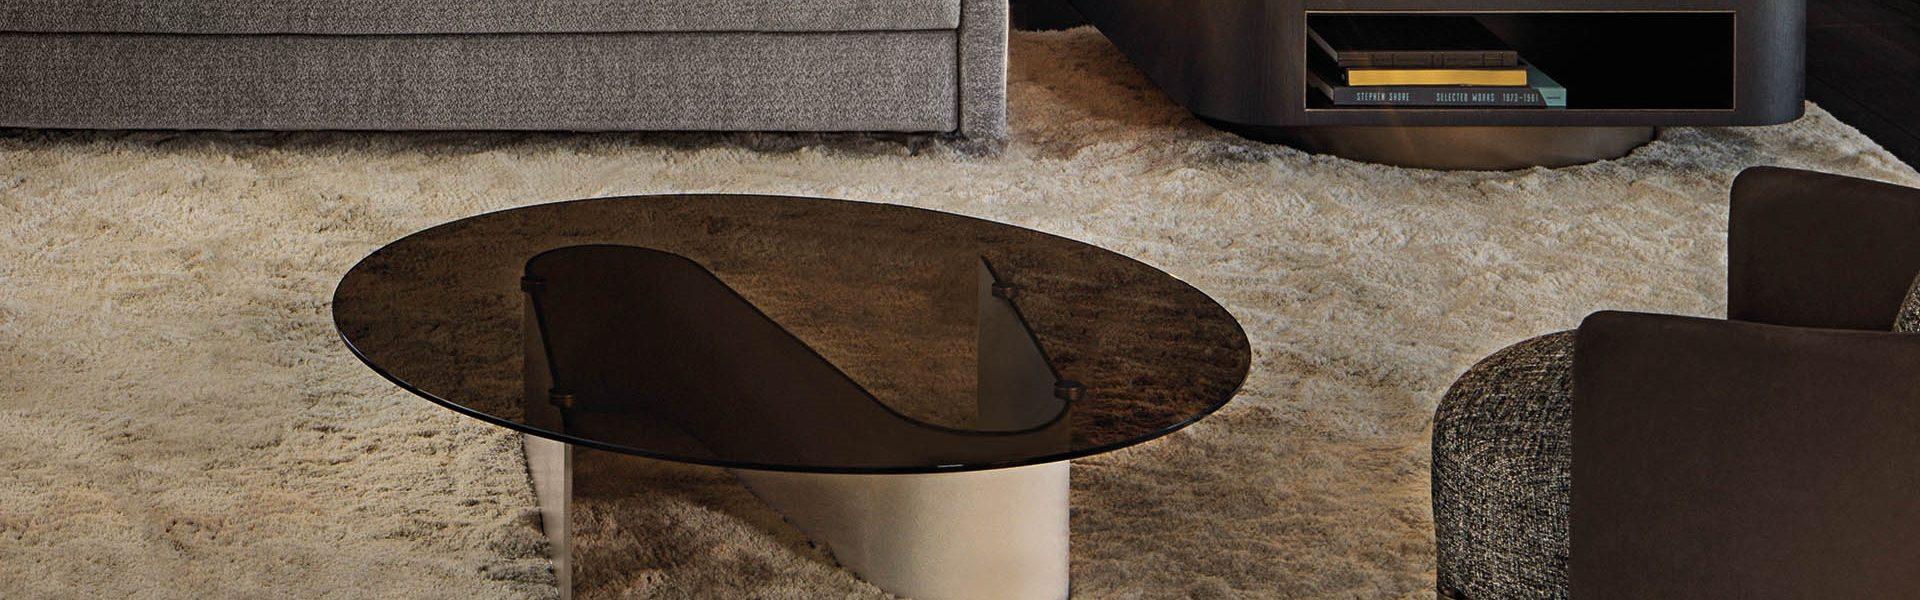 Bender Coffee Table